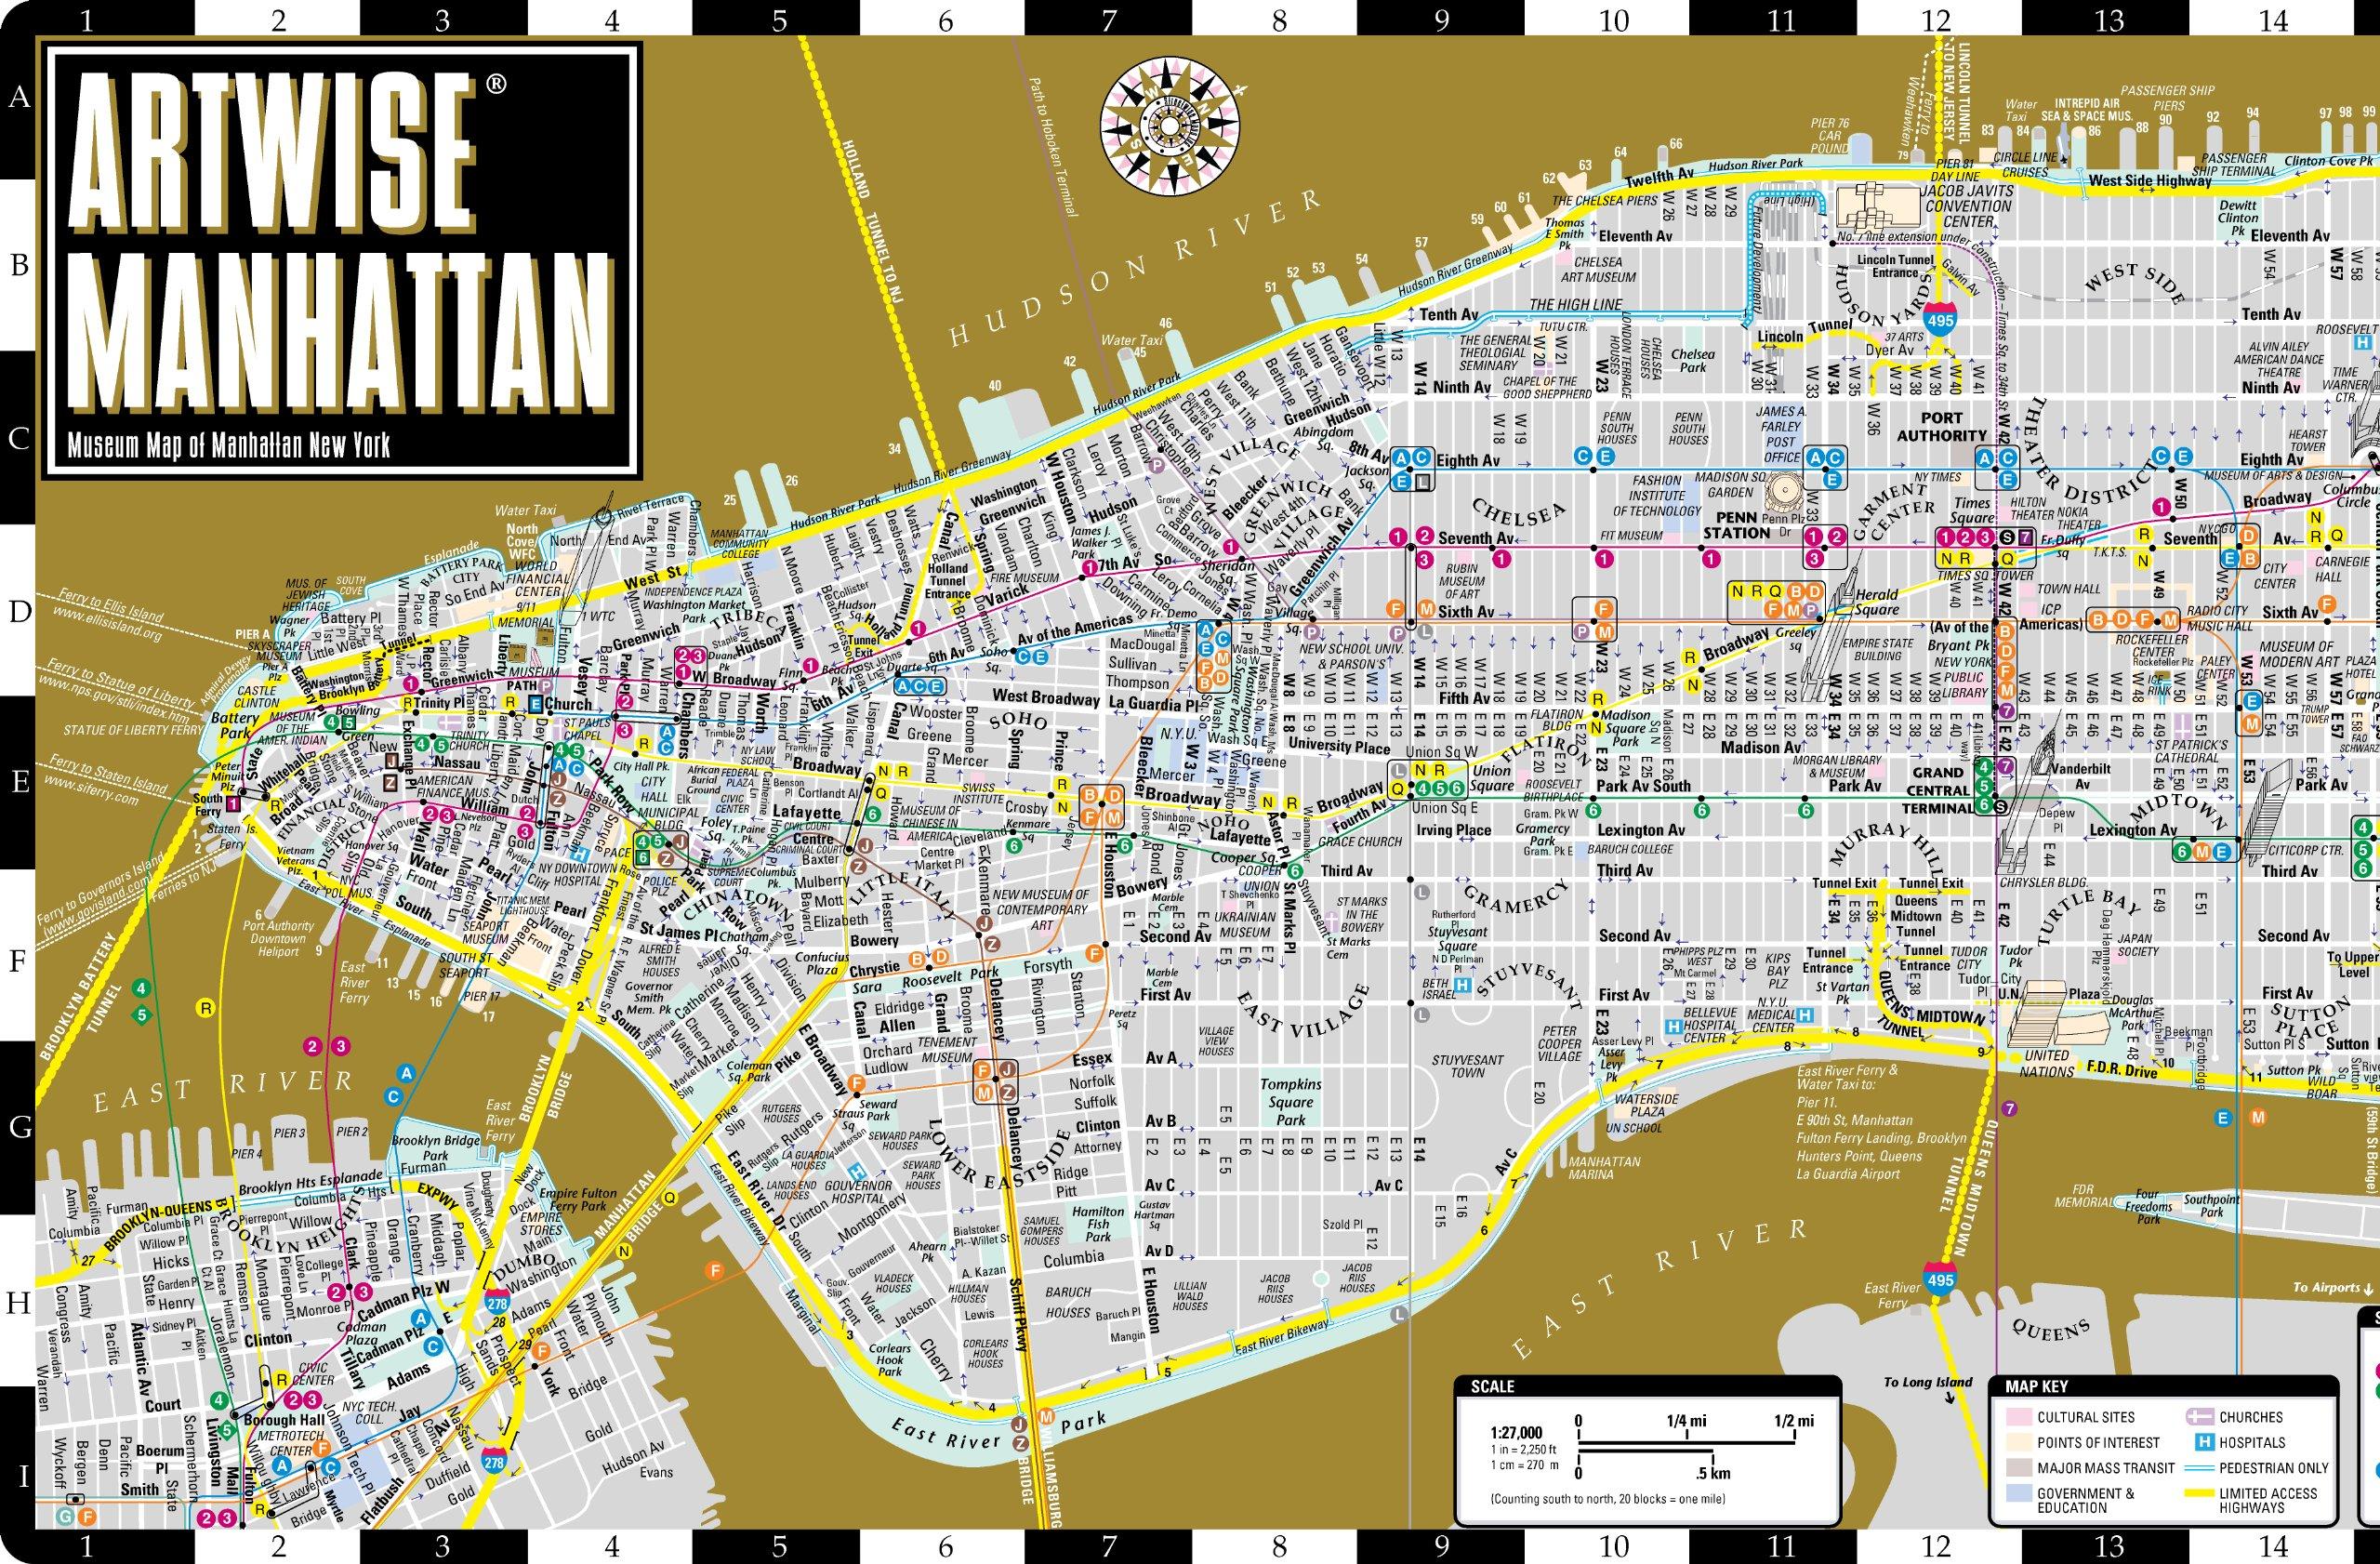 artwise manhattan museum map laminated museum map of manhattan